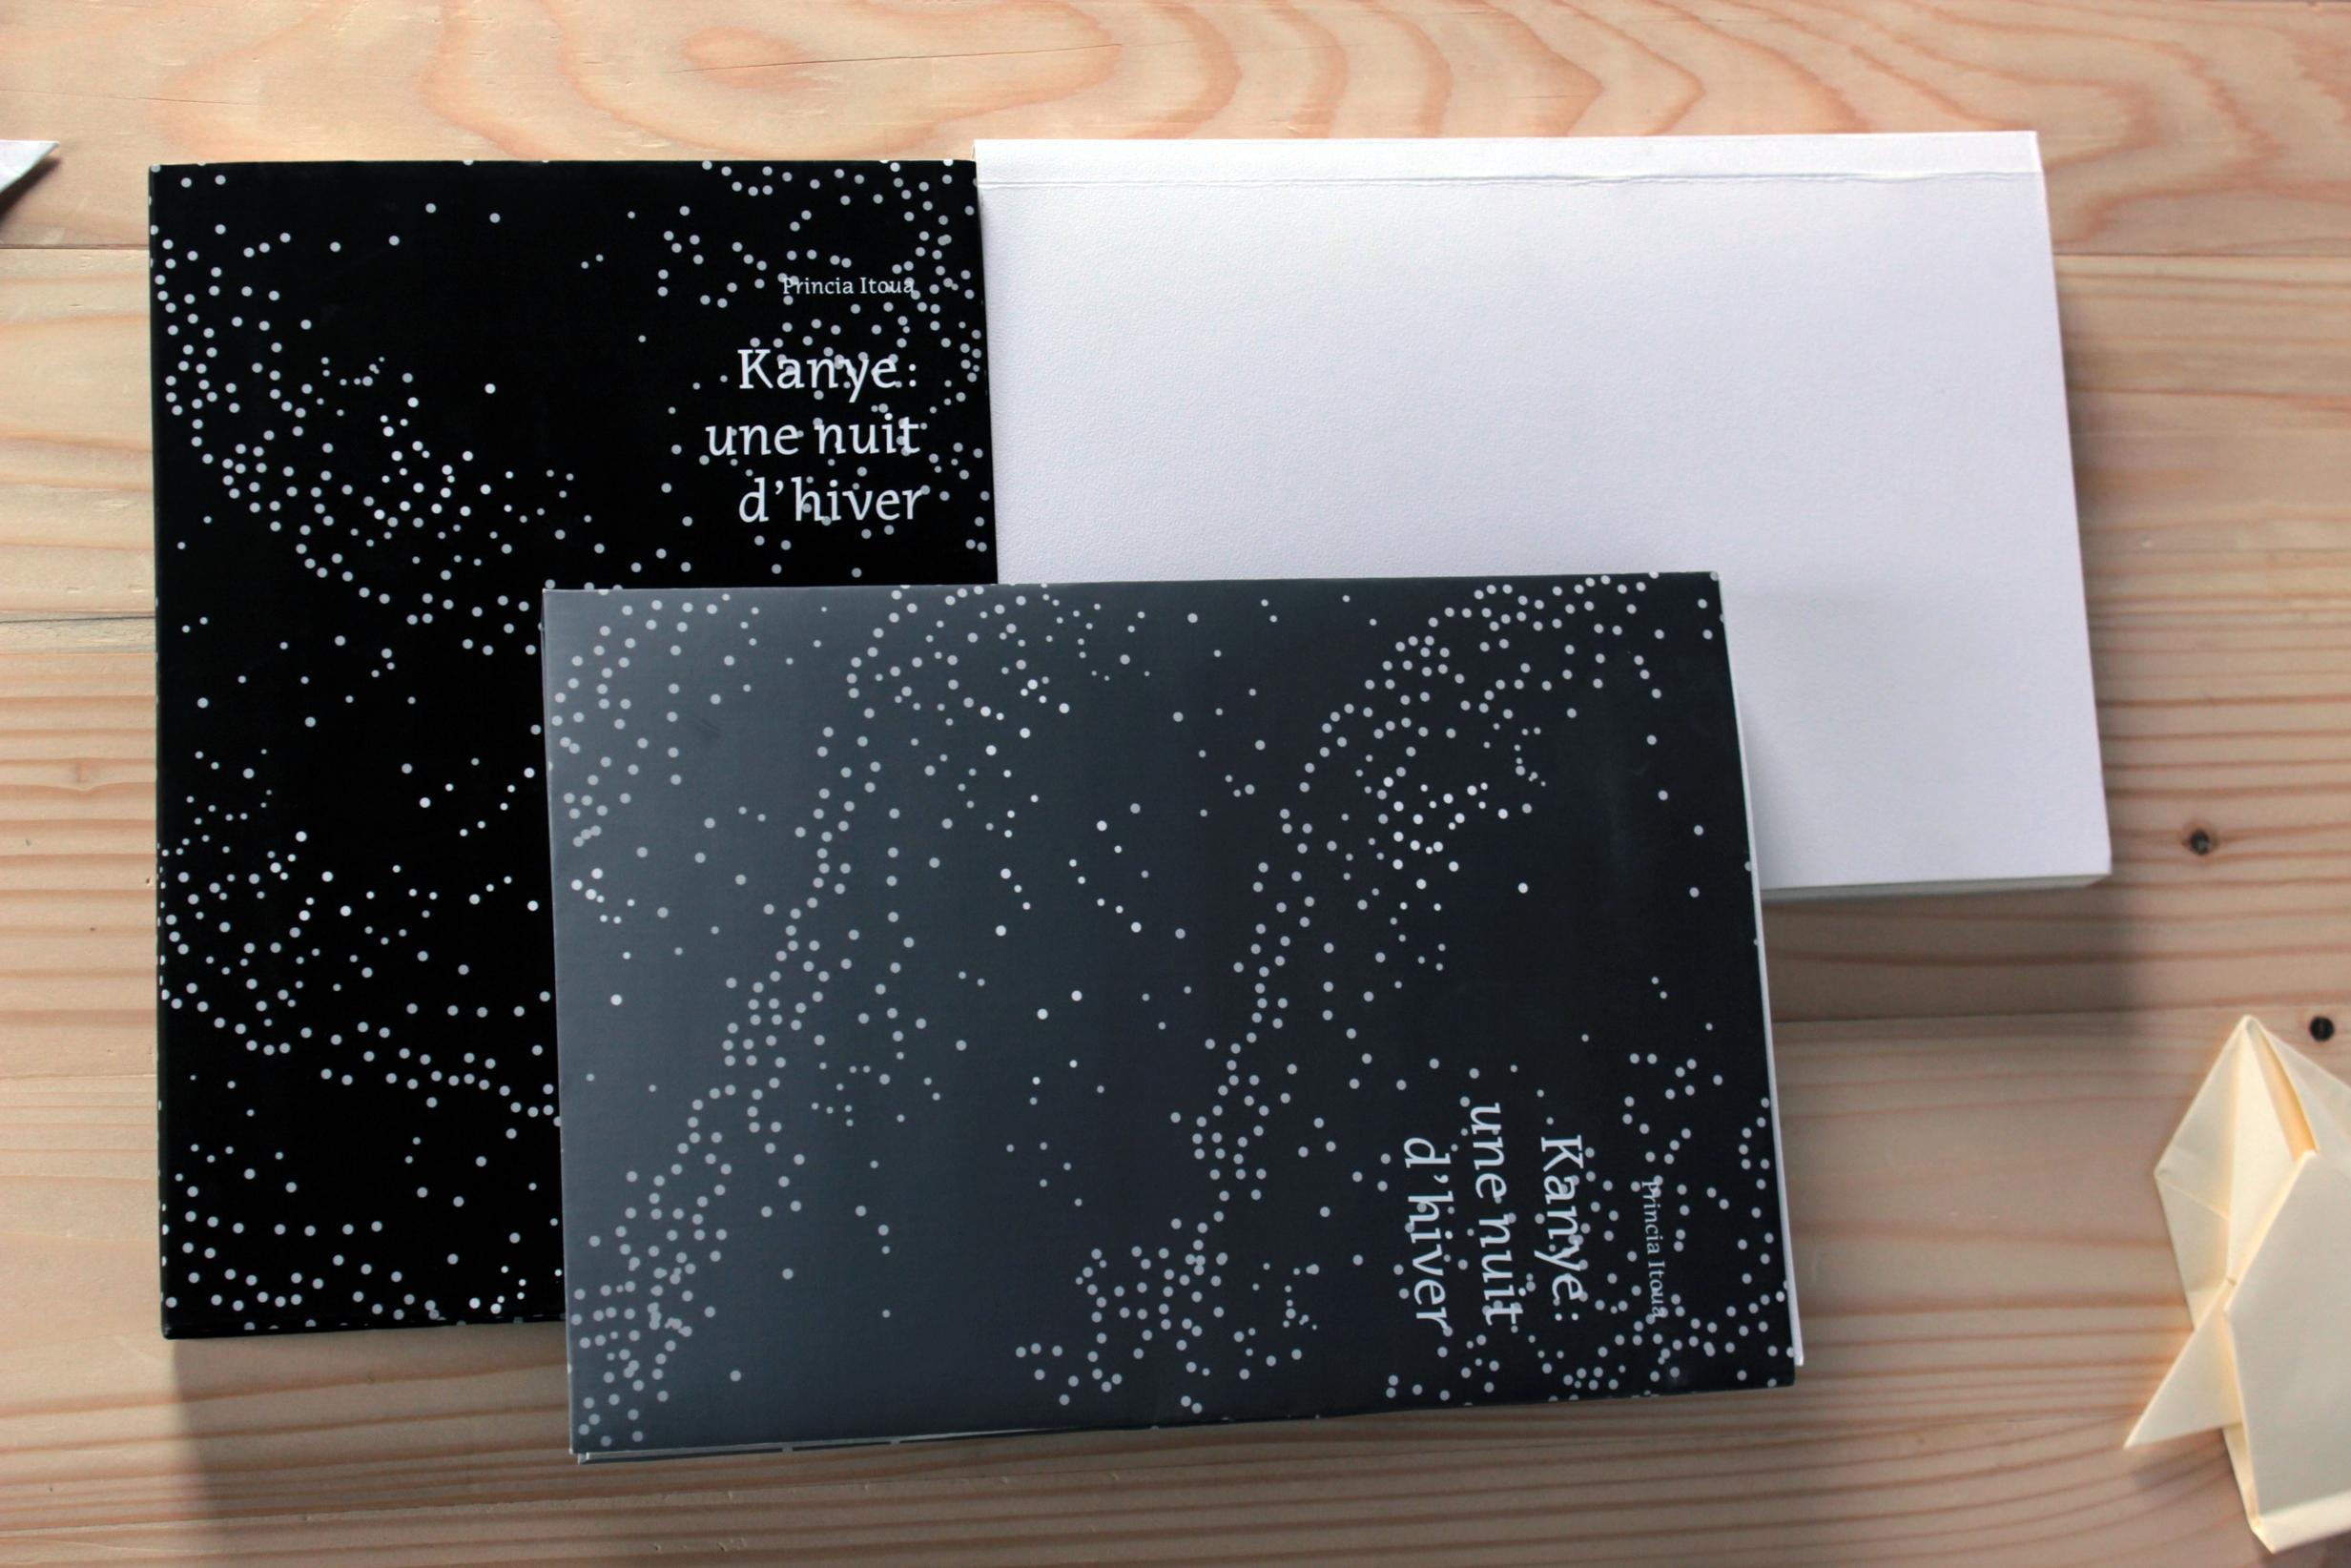 Princia Itoua, Kanye: une nuit d'hiver, 2017 Design graphique, Design éditorial, Narration 23 x 16 cm